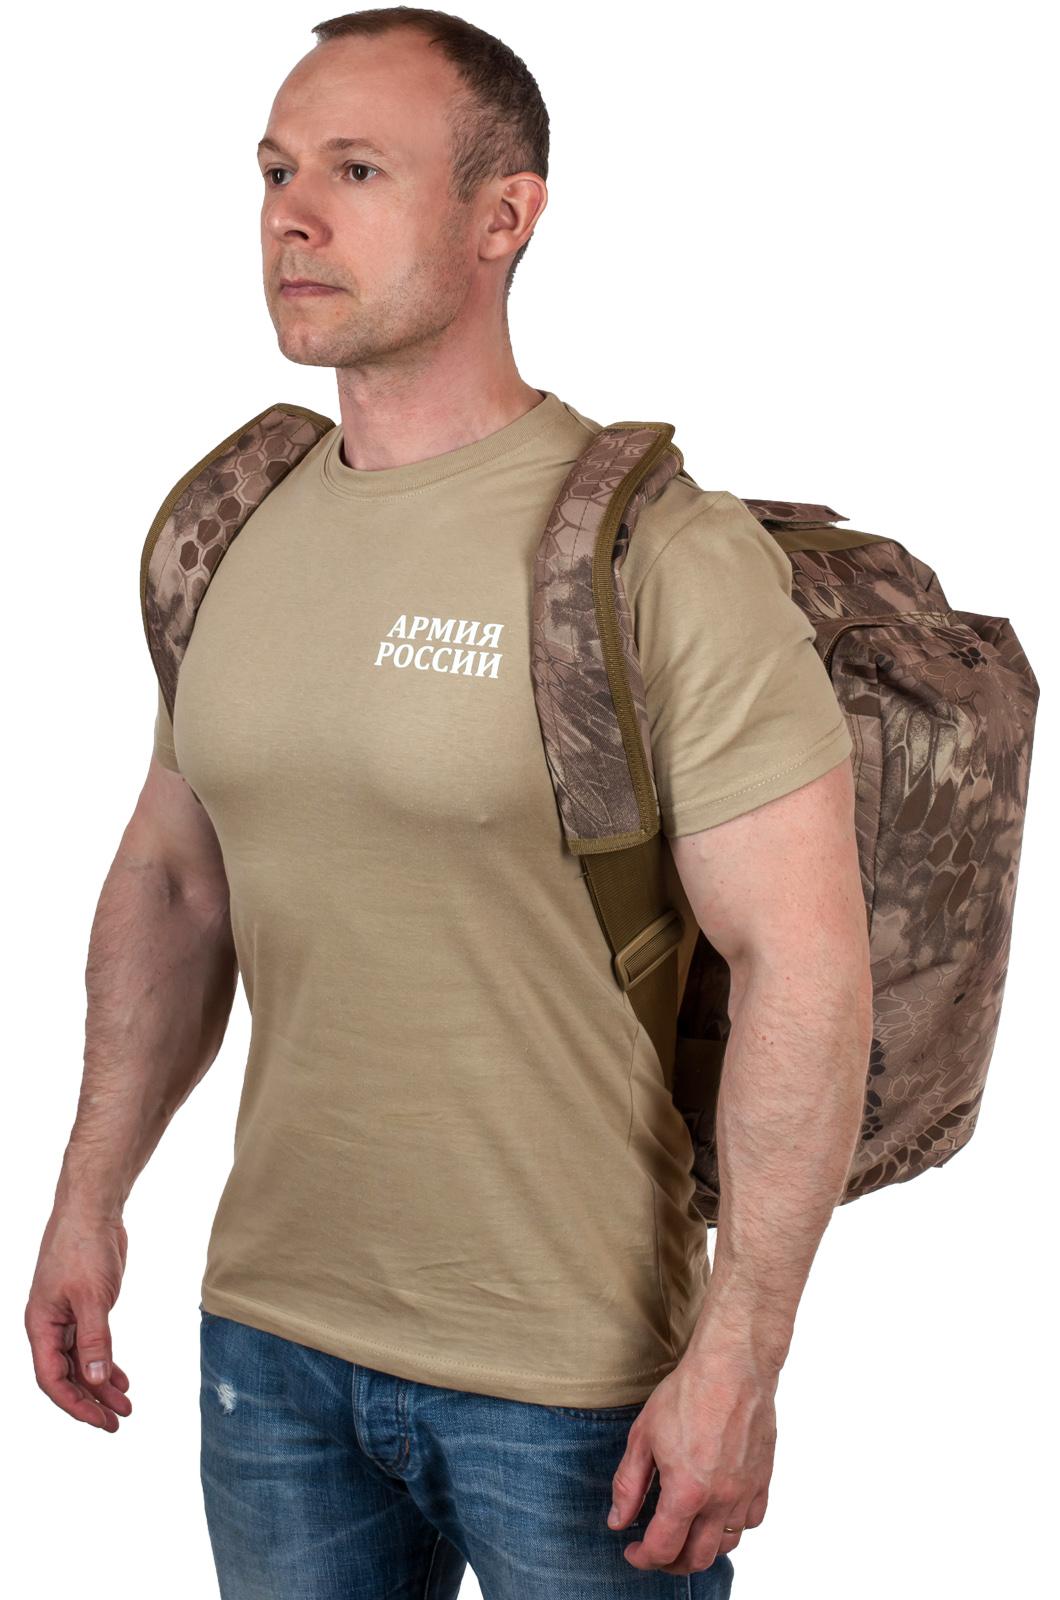 Дорожная сумка в камуфляже Kryptek Nomad с шевроном Рыболовного спецназа купить в розницу